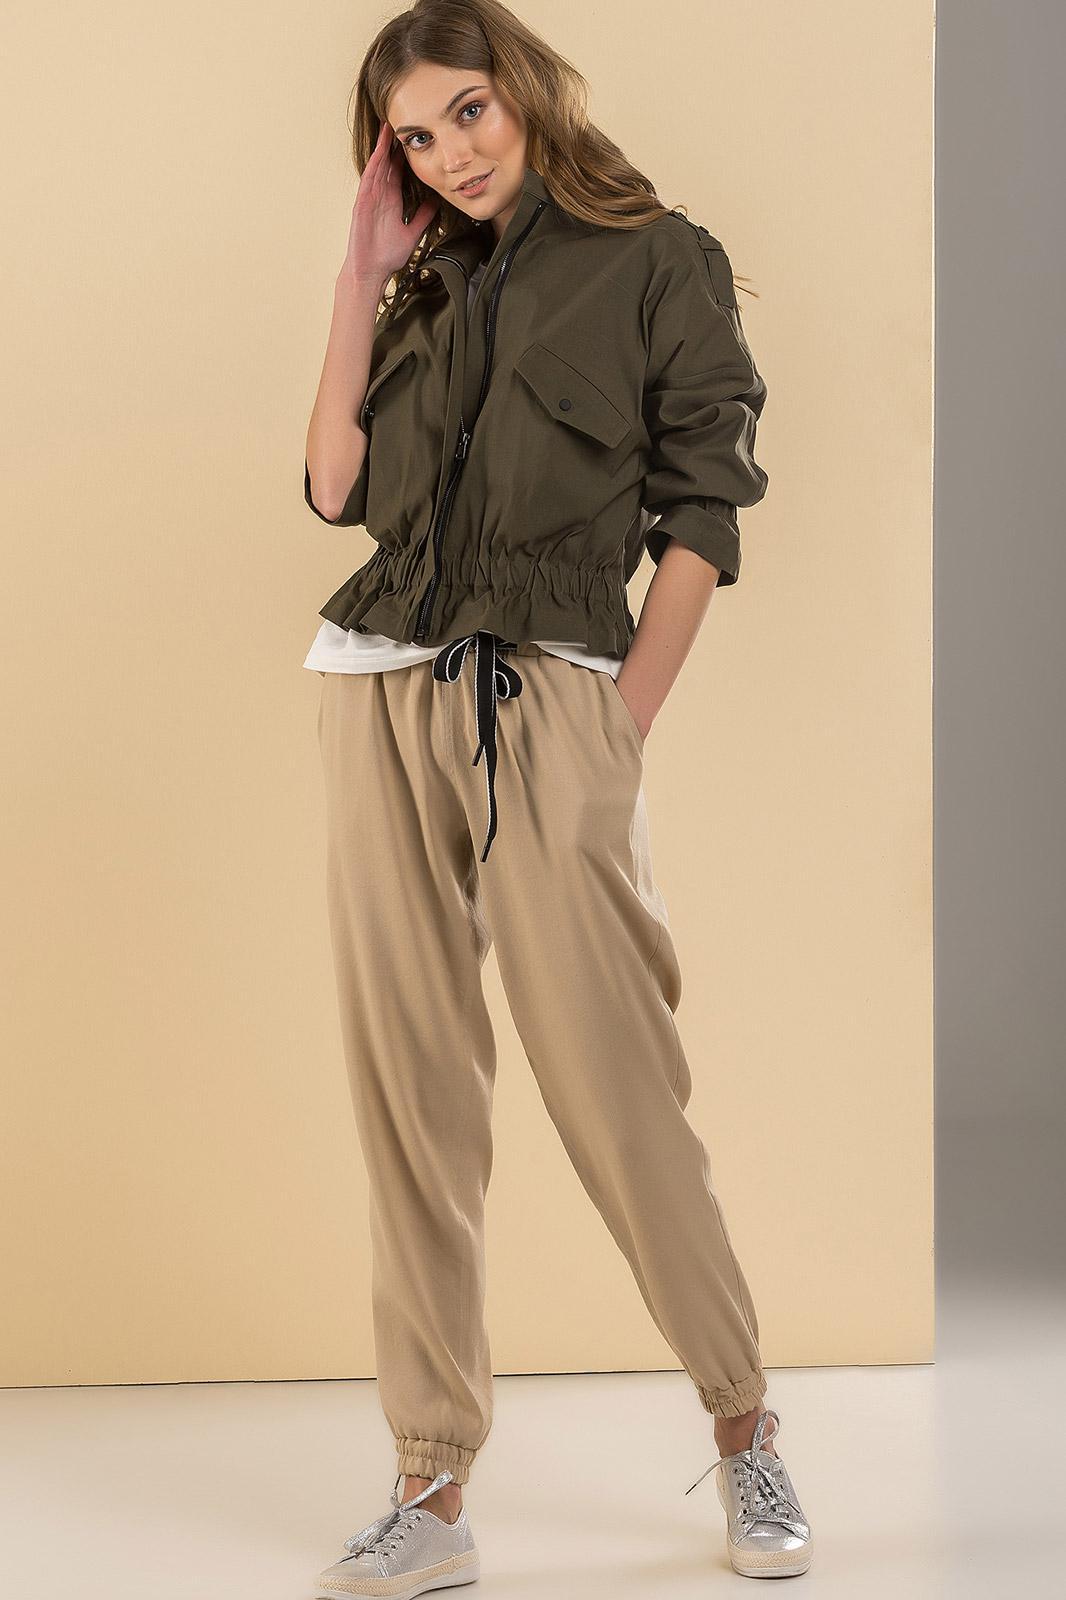 a87fc08a47d Купить женскую куртку в Минске в интернет-магазине